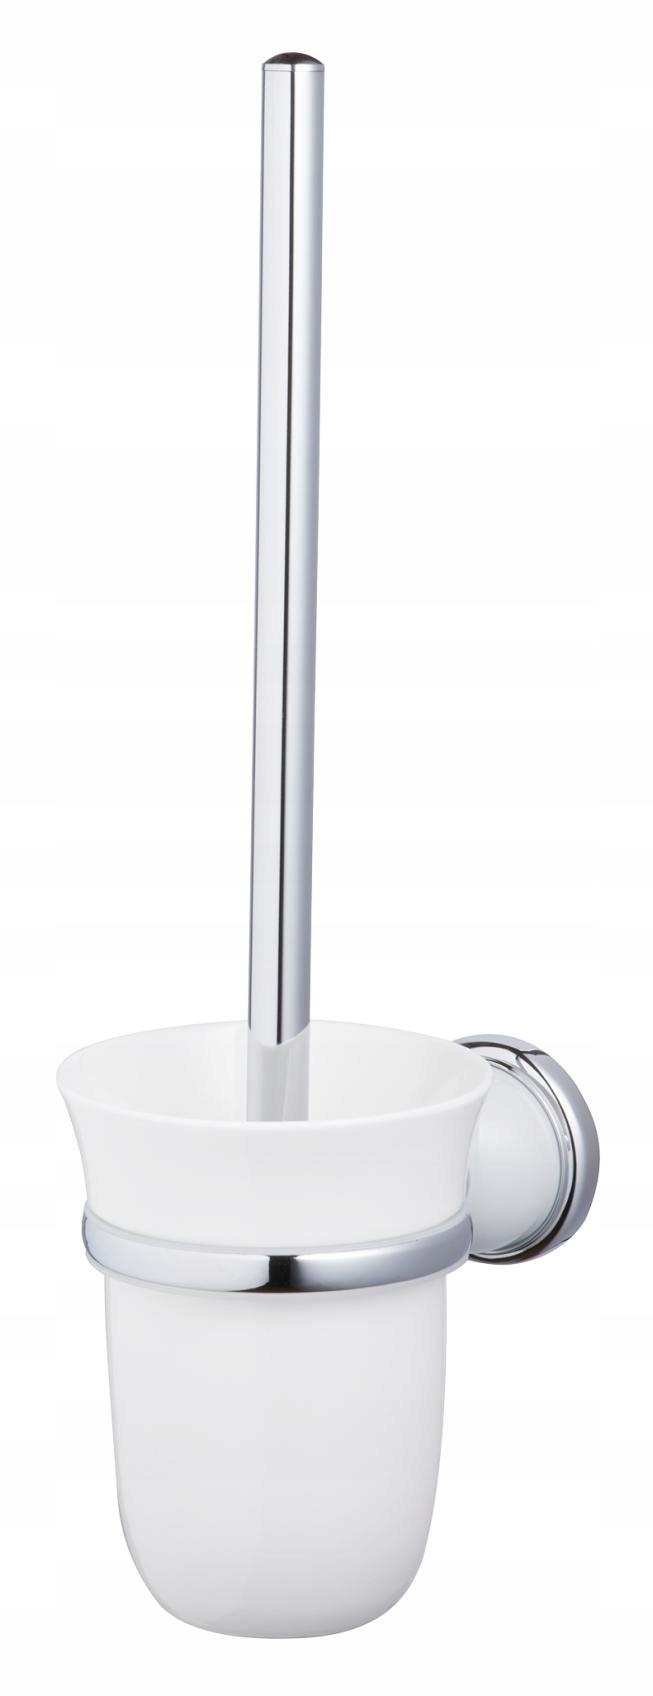 Závesná toaletná kefa v keramickej retro nádobe